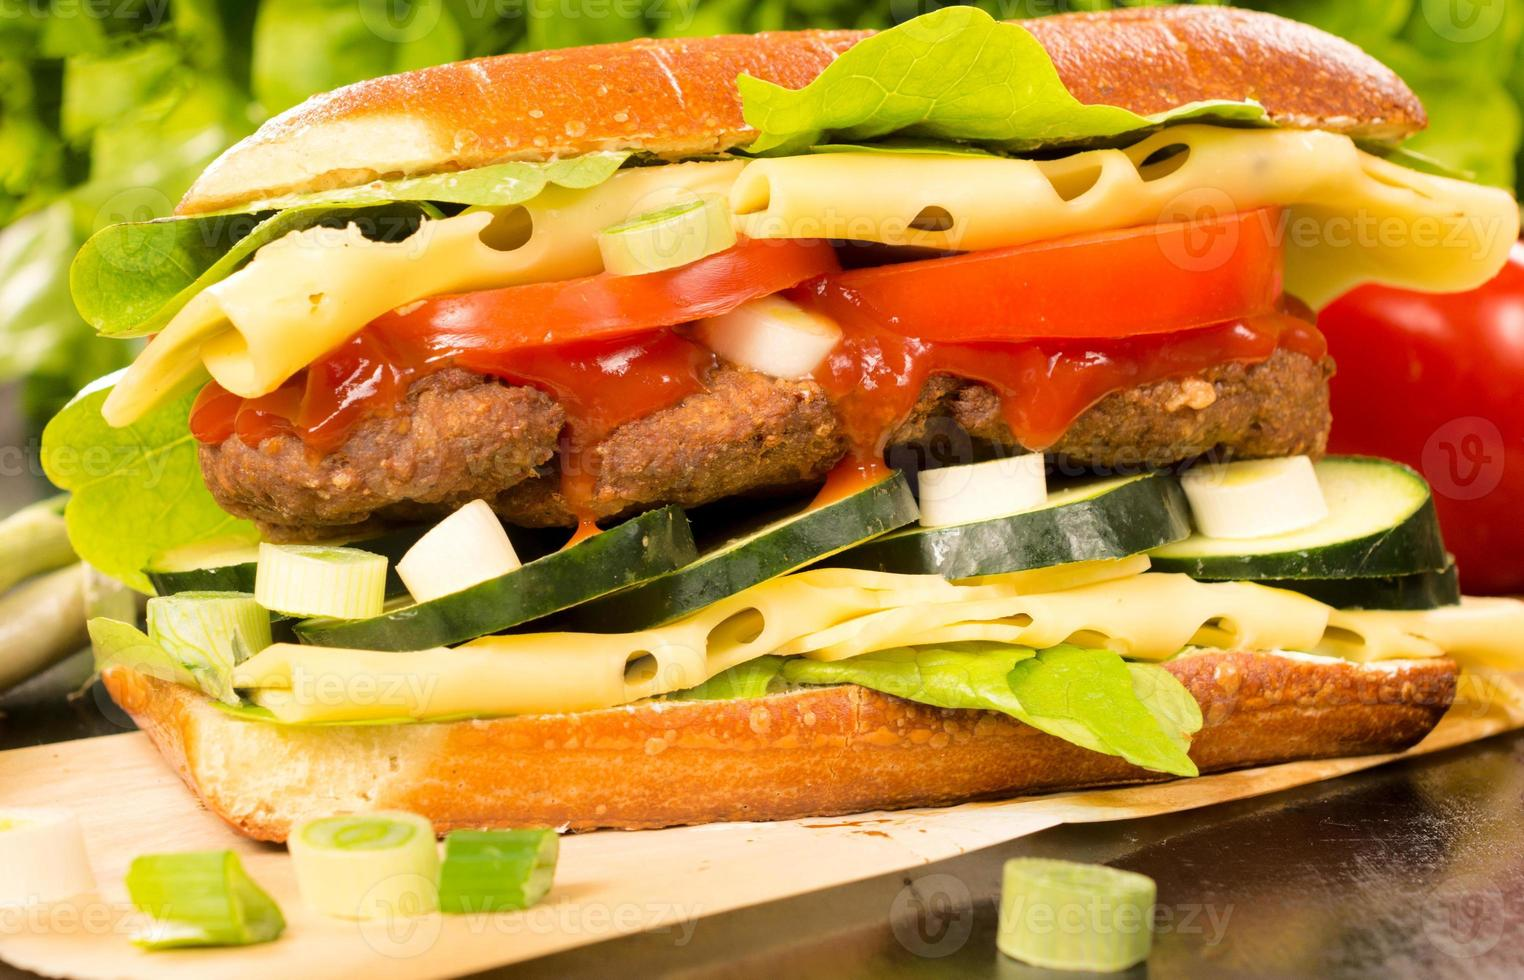 sandwich au boeuf farci photo